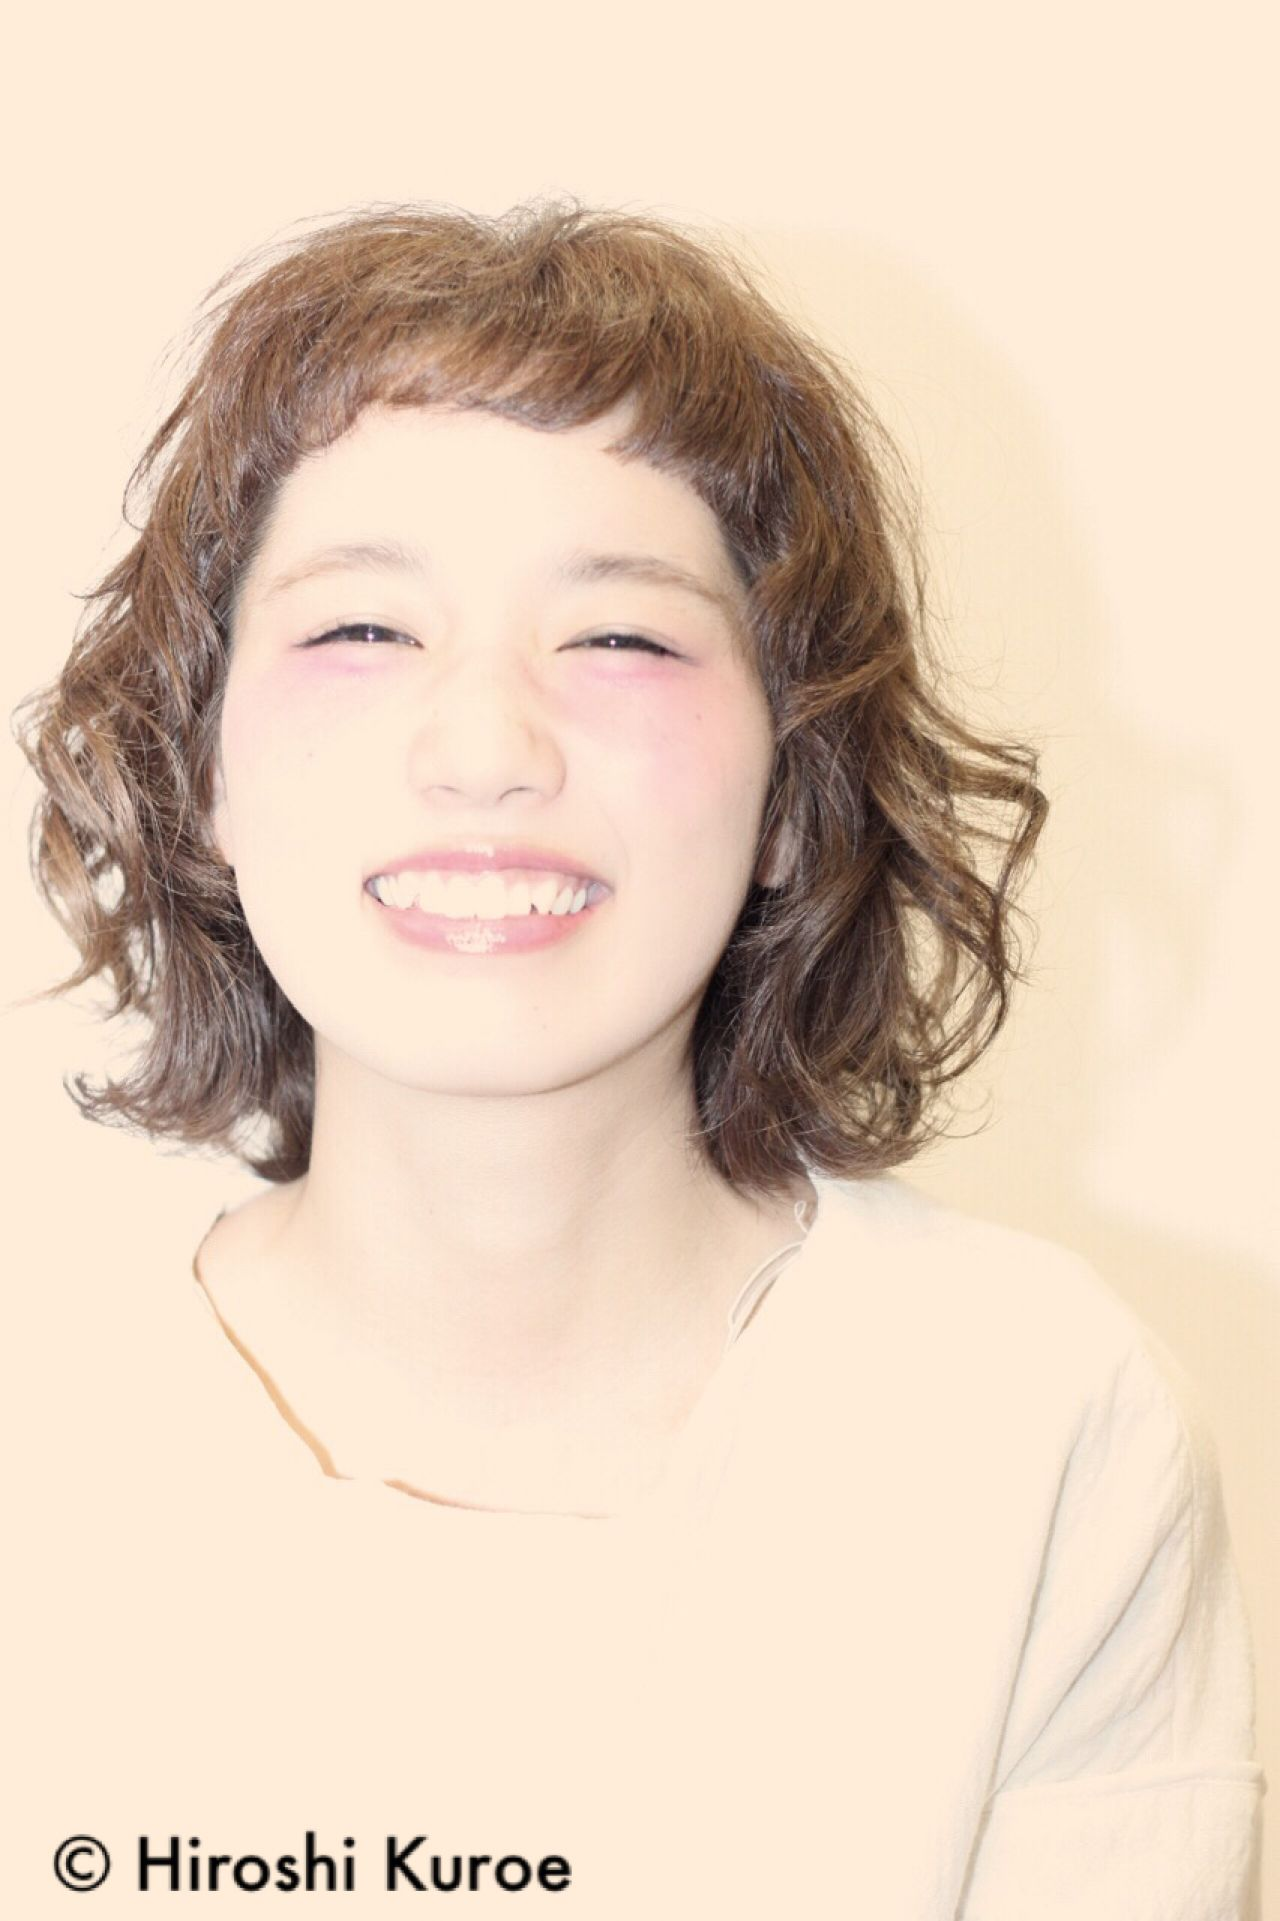 ふわふわ系女子目指しませんか?春夏に使えるフラッフィーヘアをご紹介♡ Hiroshi / KuroeATELIER by nextlink